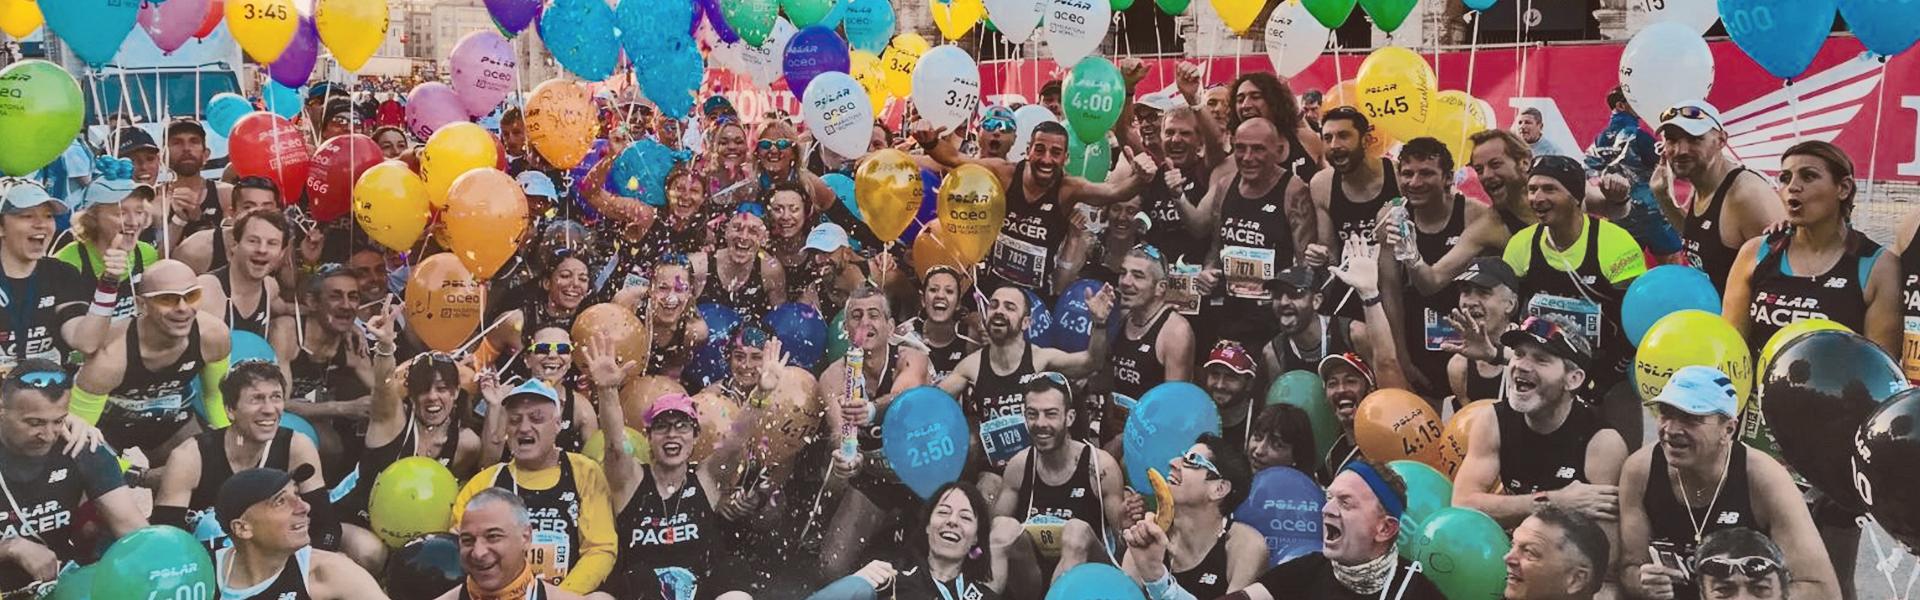 Tutti i nomi dei Pacer dell'Acea Run Rome the Marathon